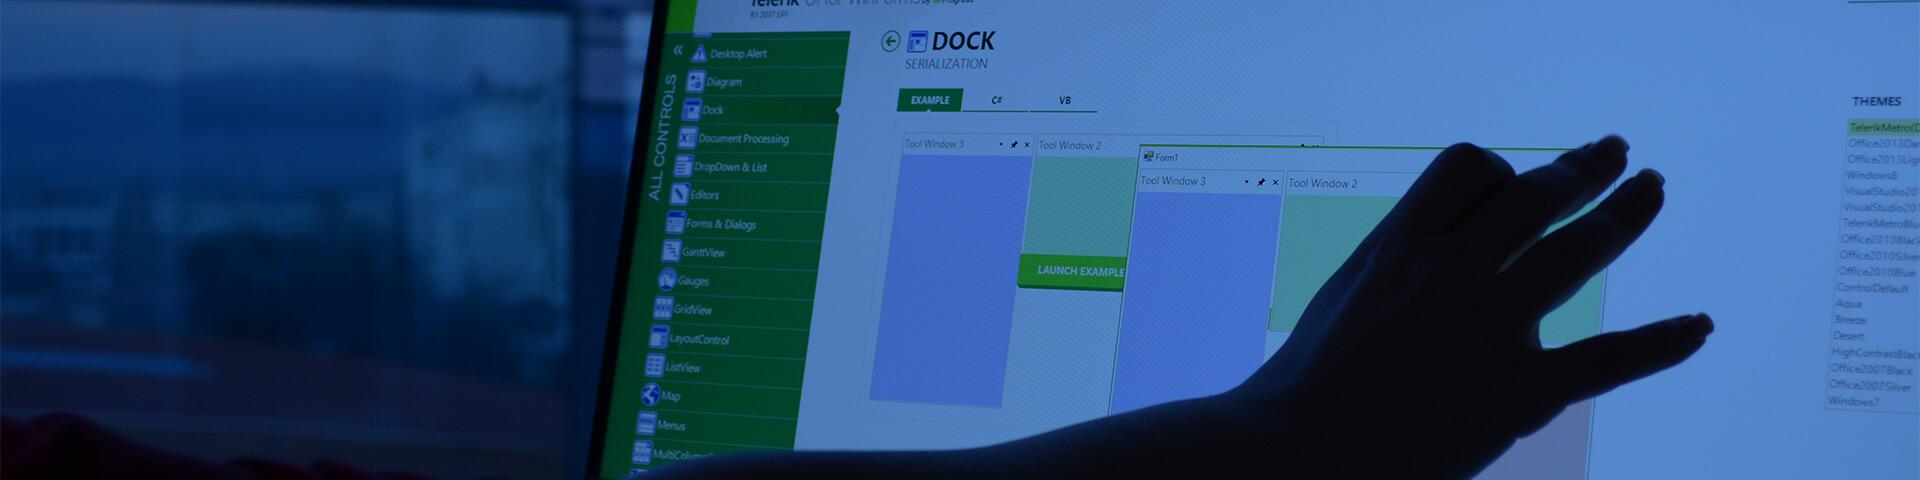 _0004_Dock